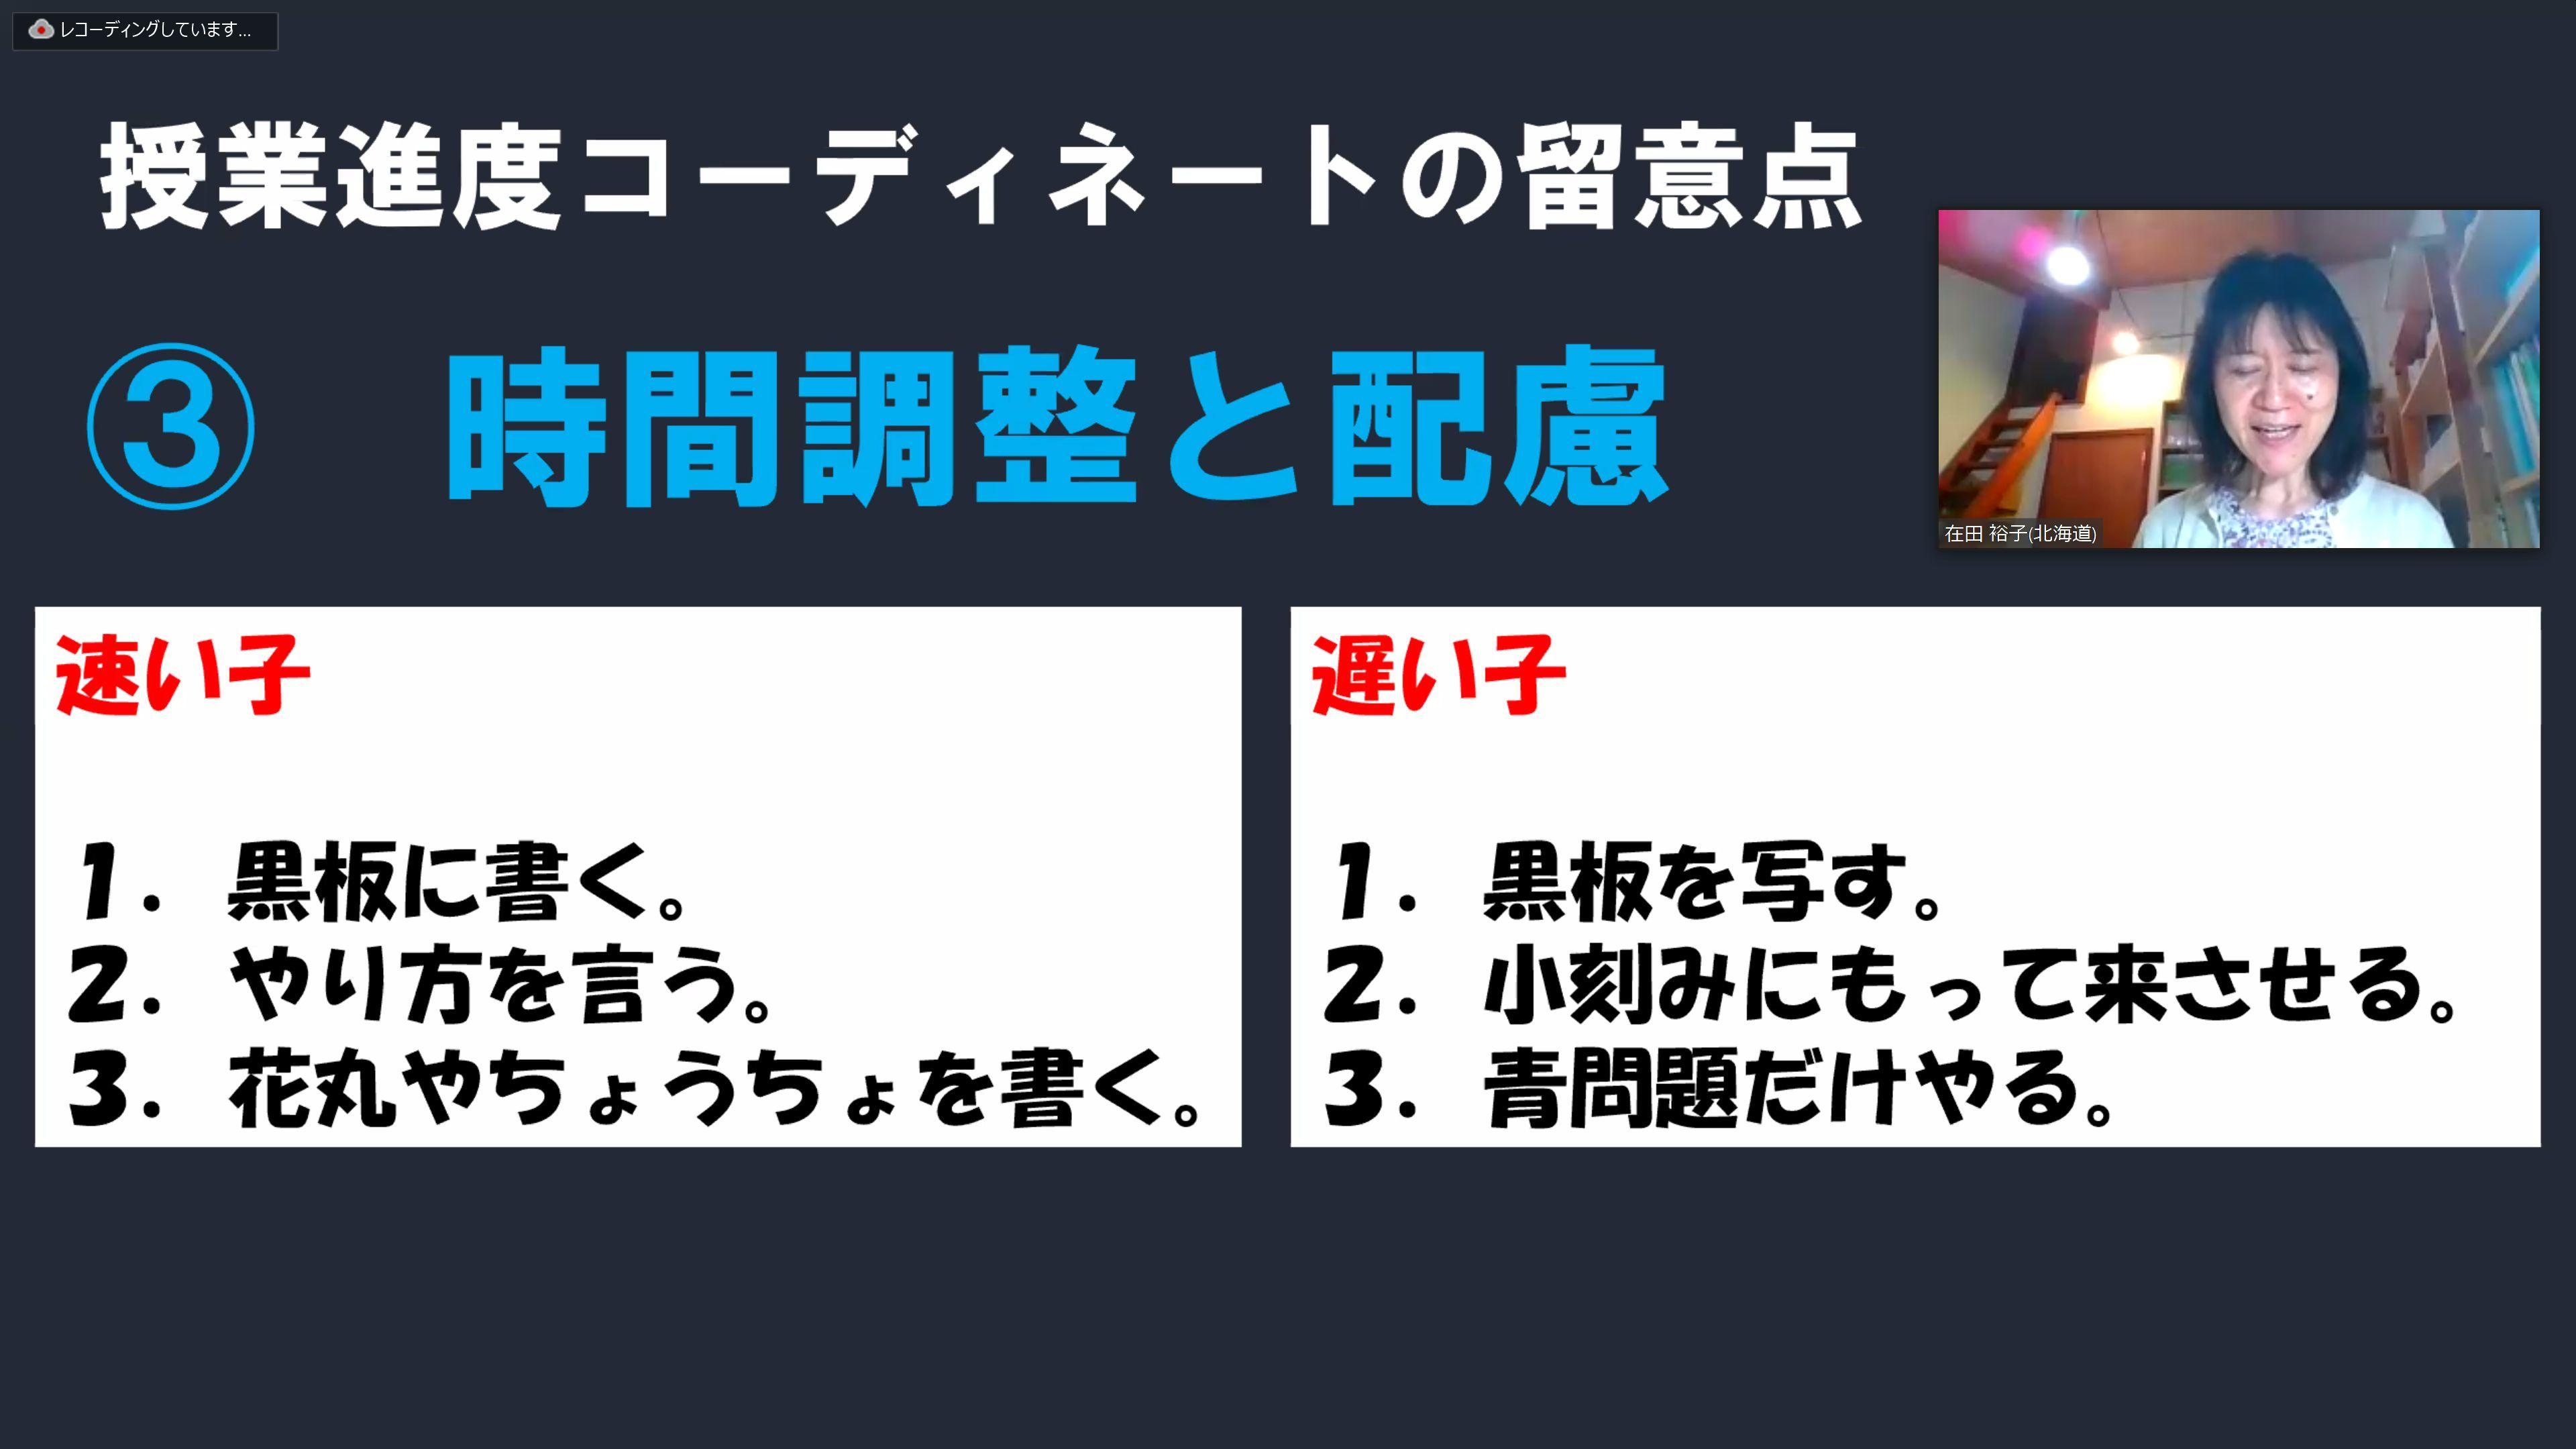 【報告】石狩オンラインセミナー6/12〈進度コーディネート講座〉を行いました_e0252129_06562995.jpg